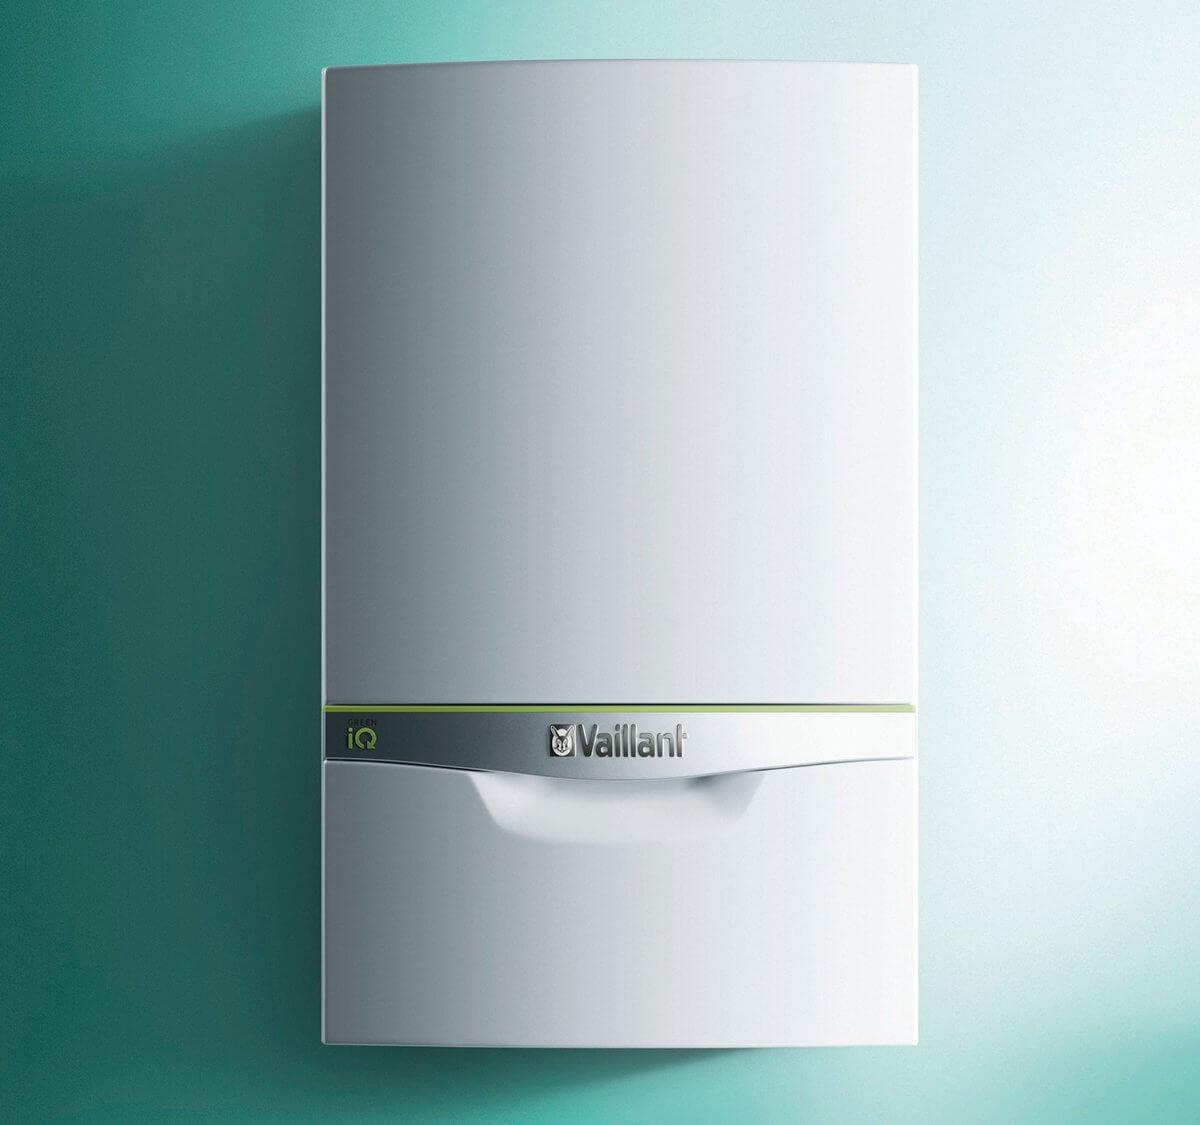 calderas mural a gas de condensacion vaillant ecotec exclusive vmw es 356 5 7 caseragua venta calderas